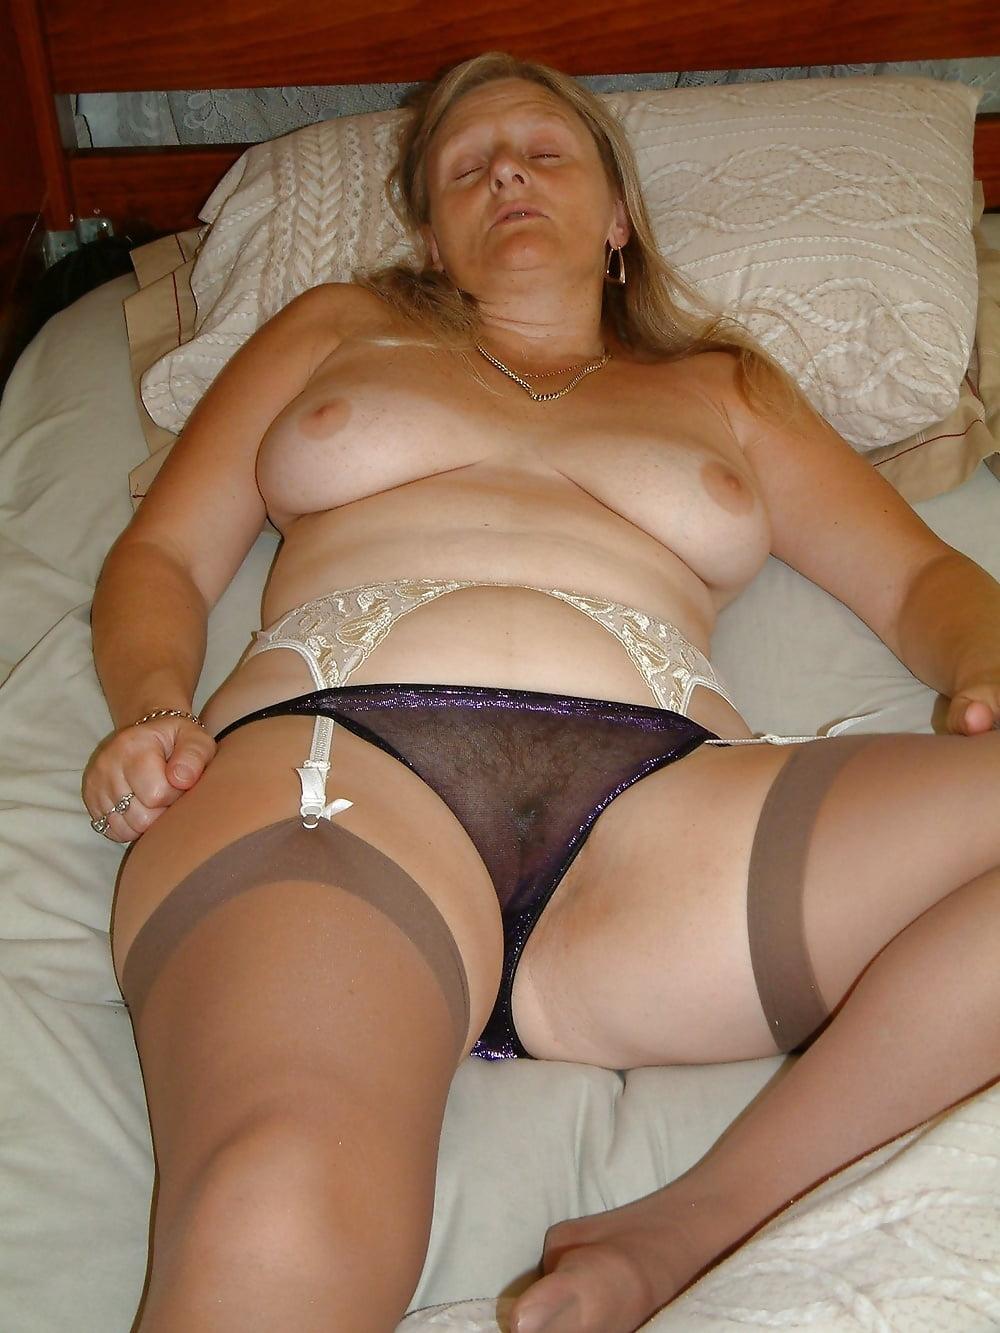 Busty mature women galleries-5420